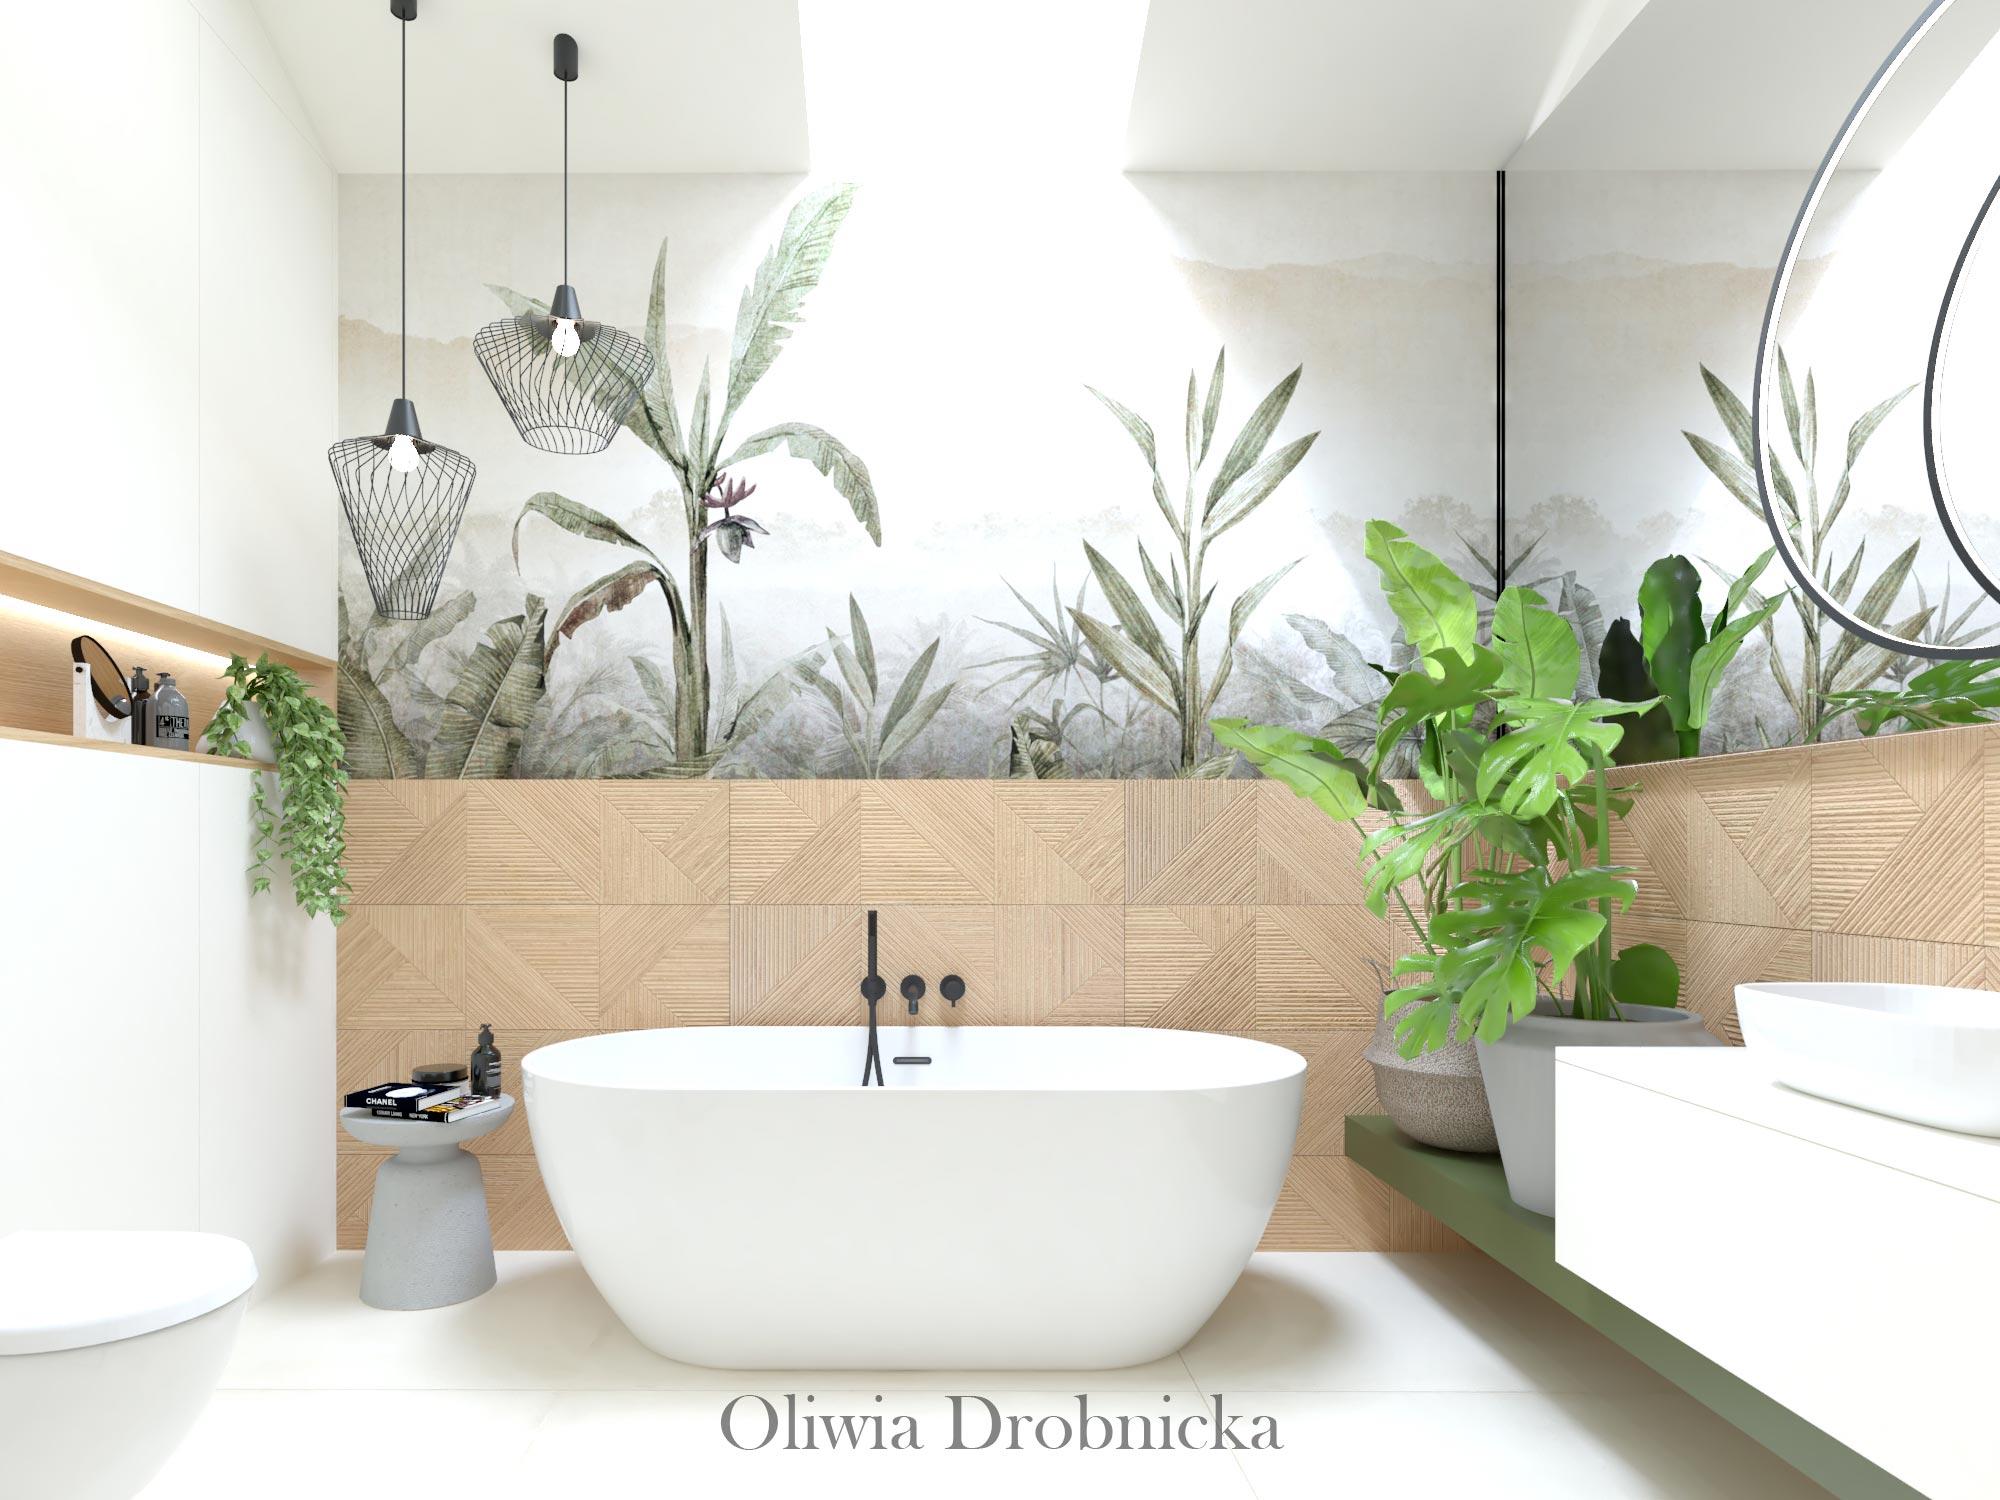 Łazienka z motywem roślinnym